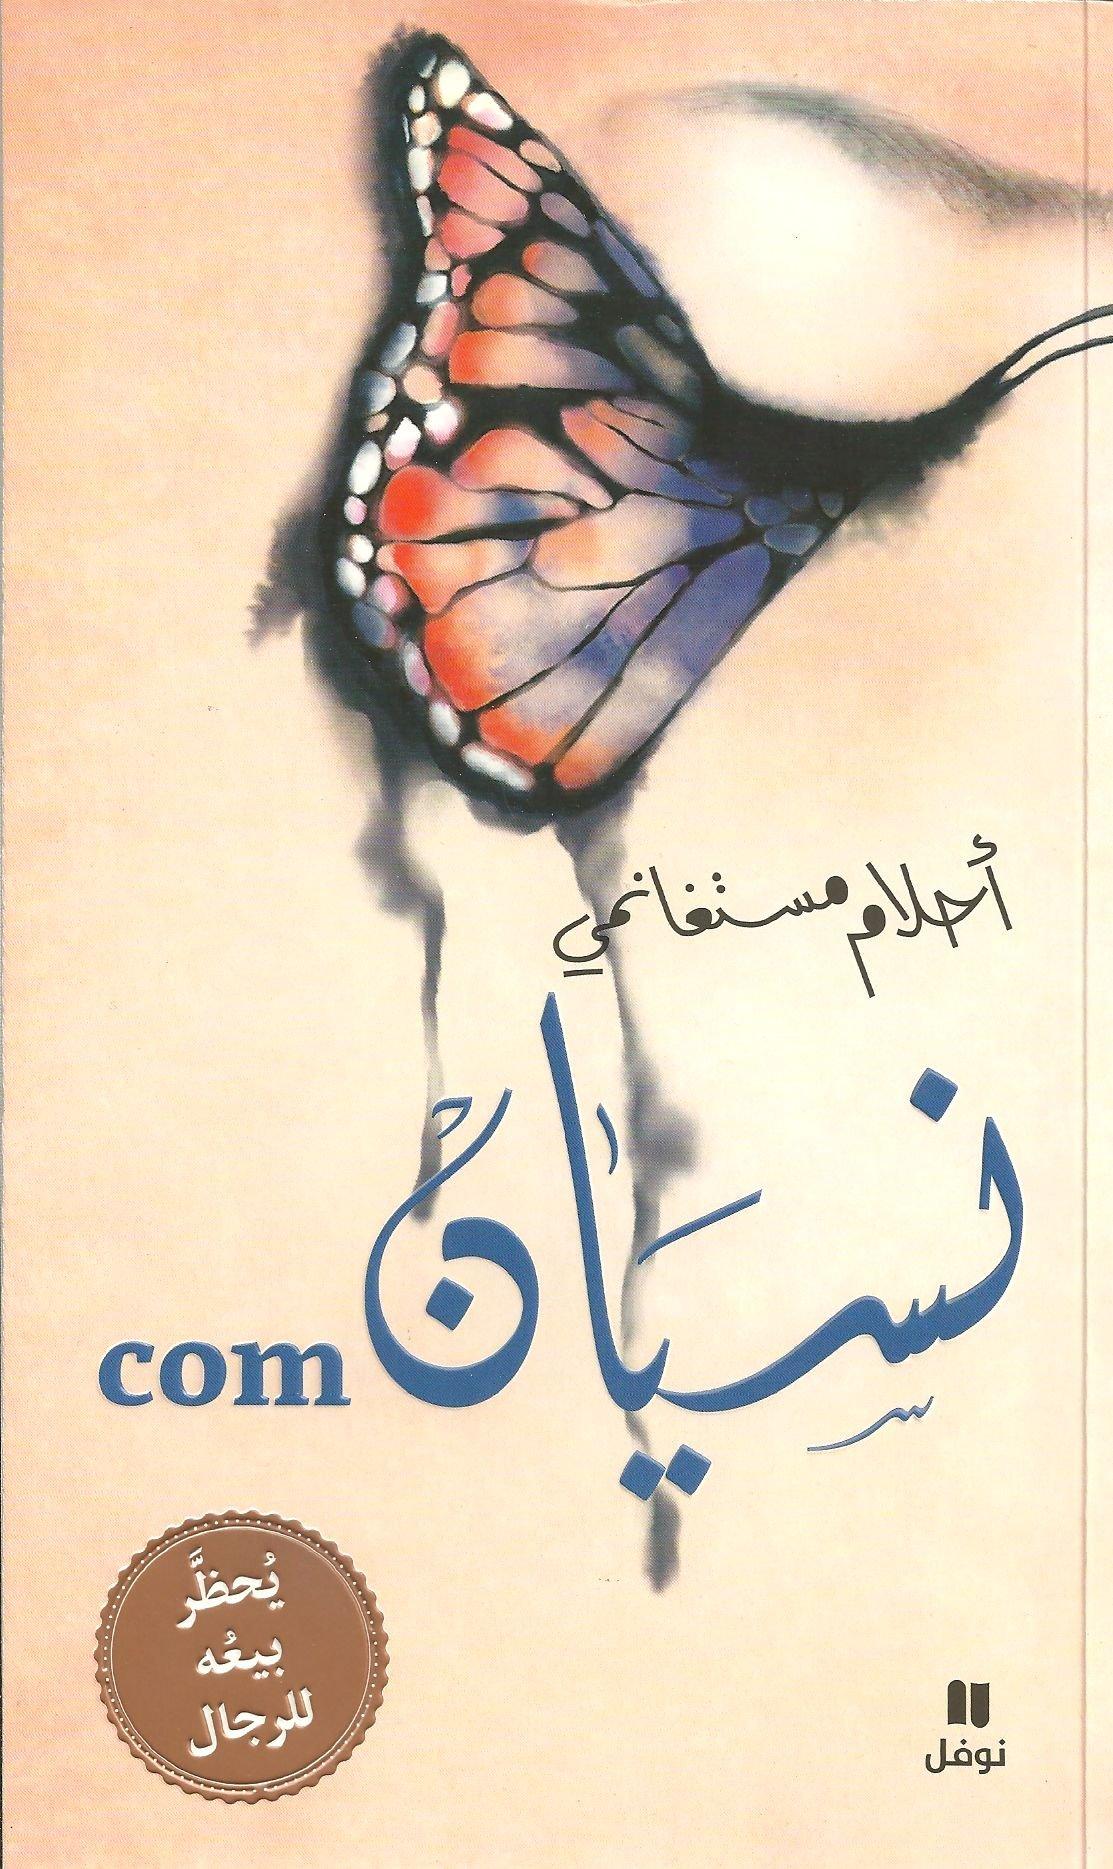 نسيان.com Nisyan.com The Art of Forgetting pdf